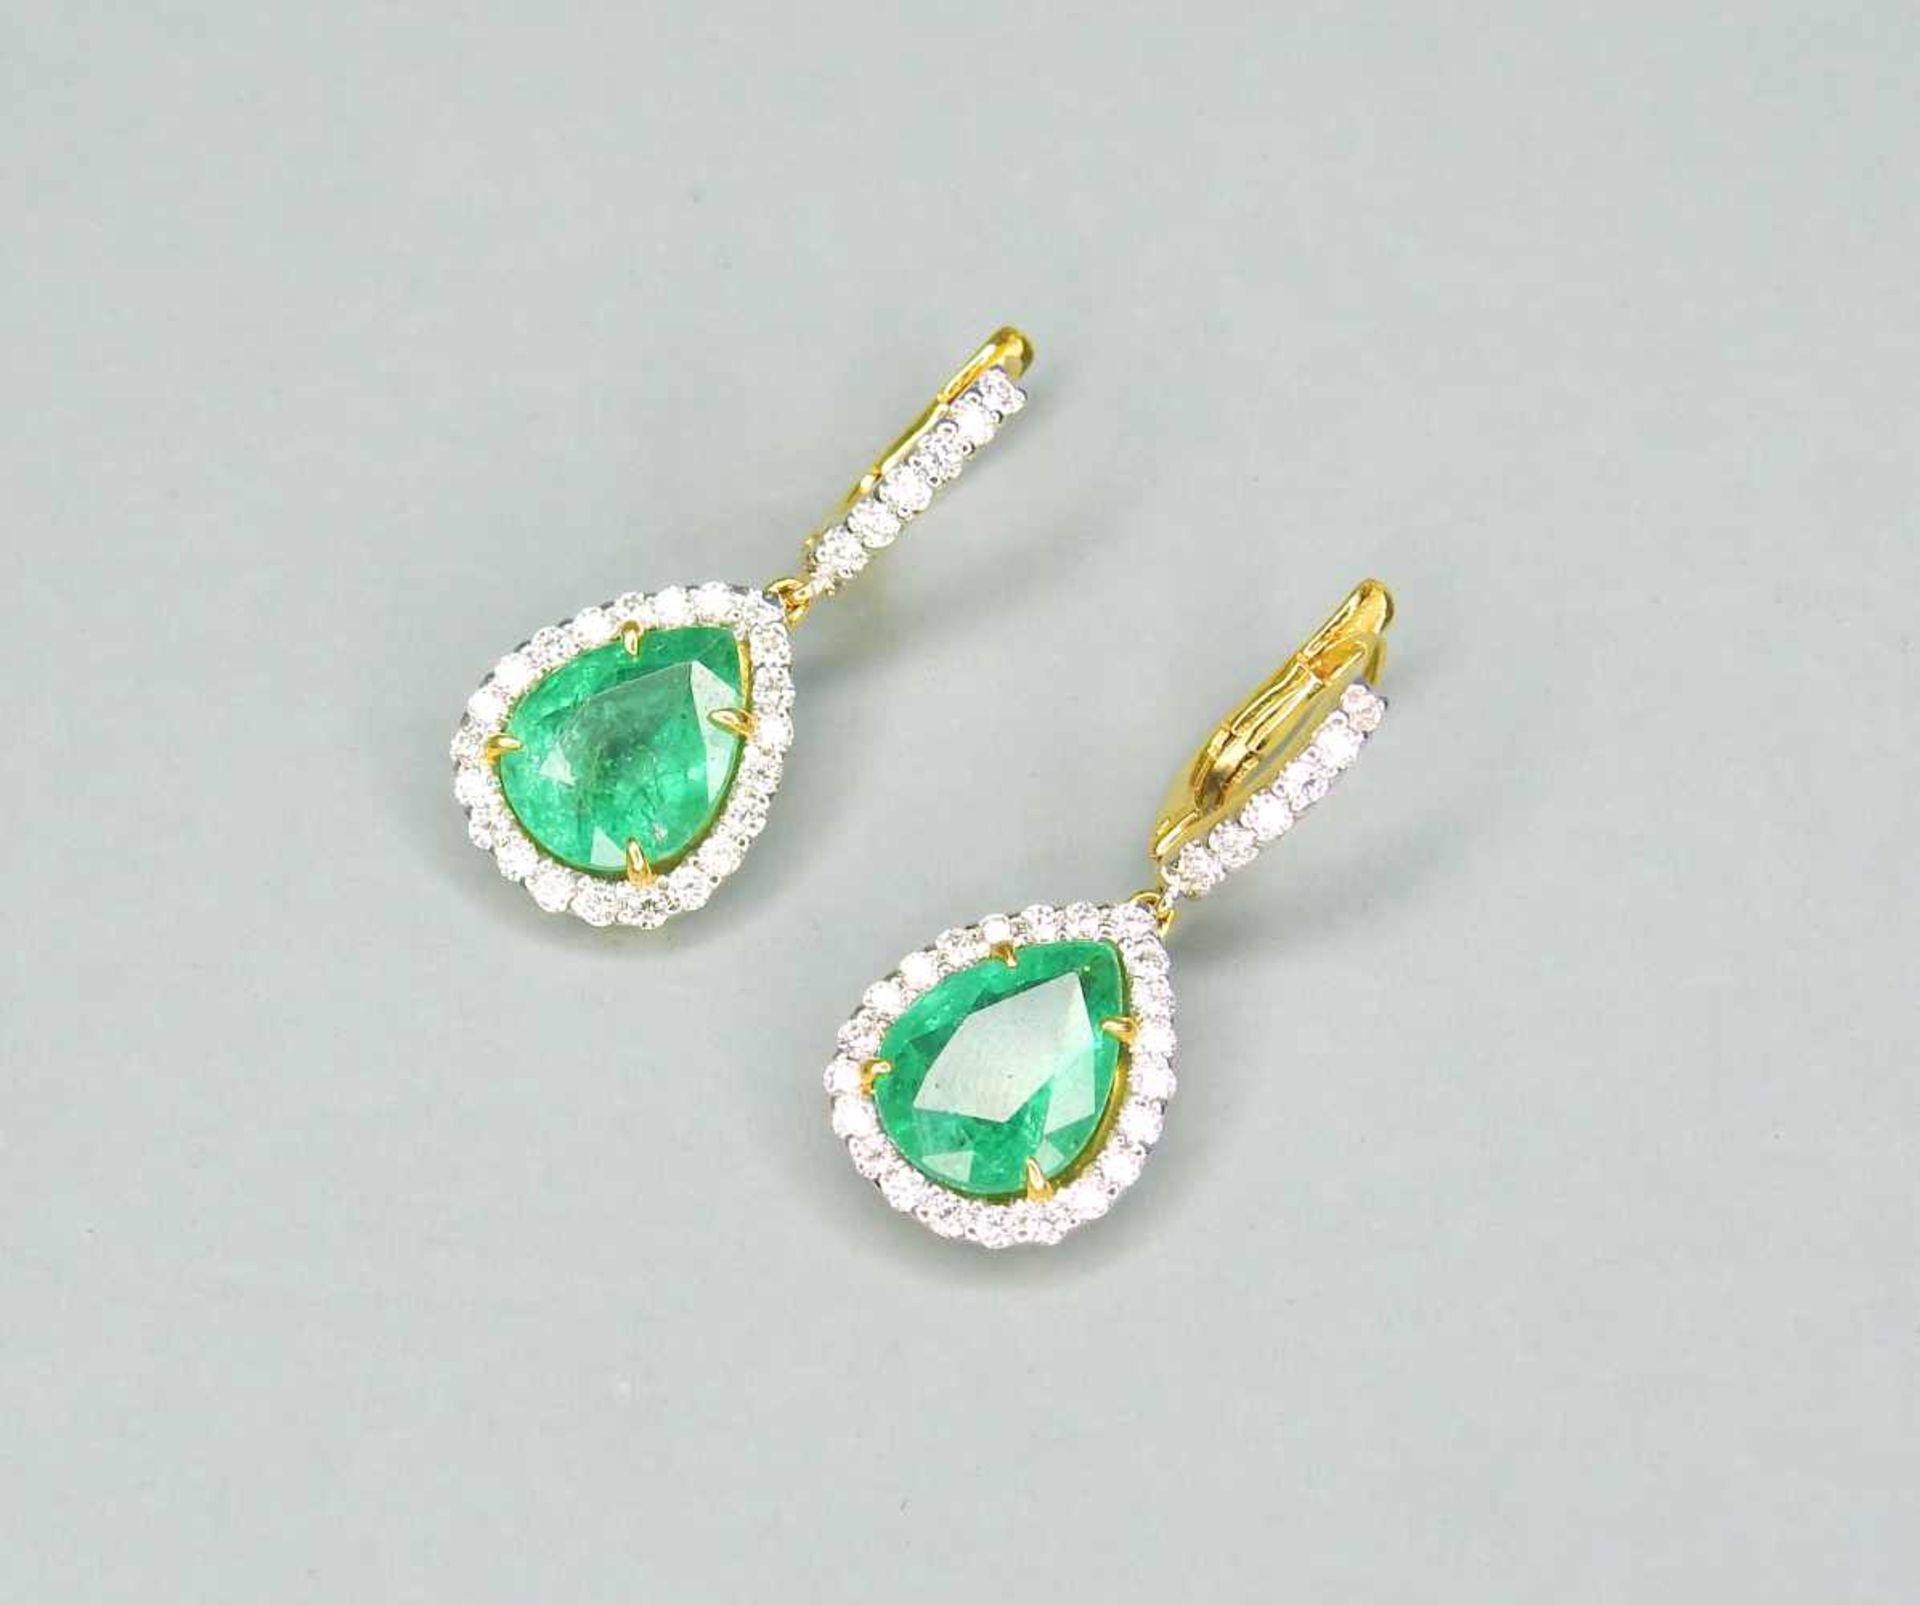 Edle Smaragd-Ohrringe18 K Gelbgold. Qualitative, elegante Ohrringe mit kolumbianischen - Image 2 of 2